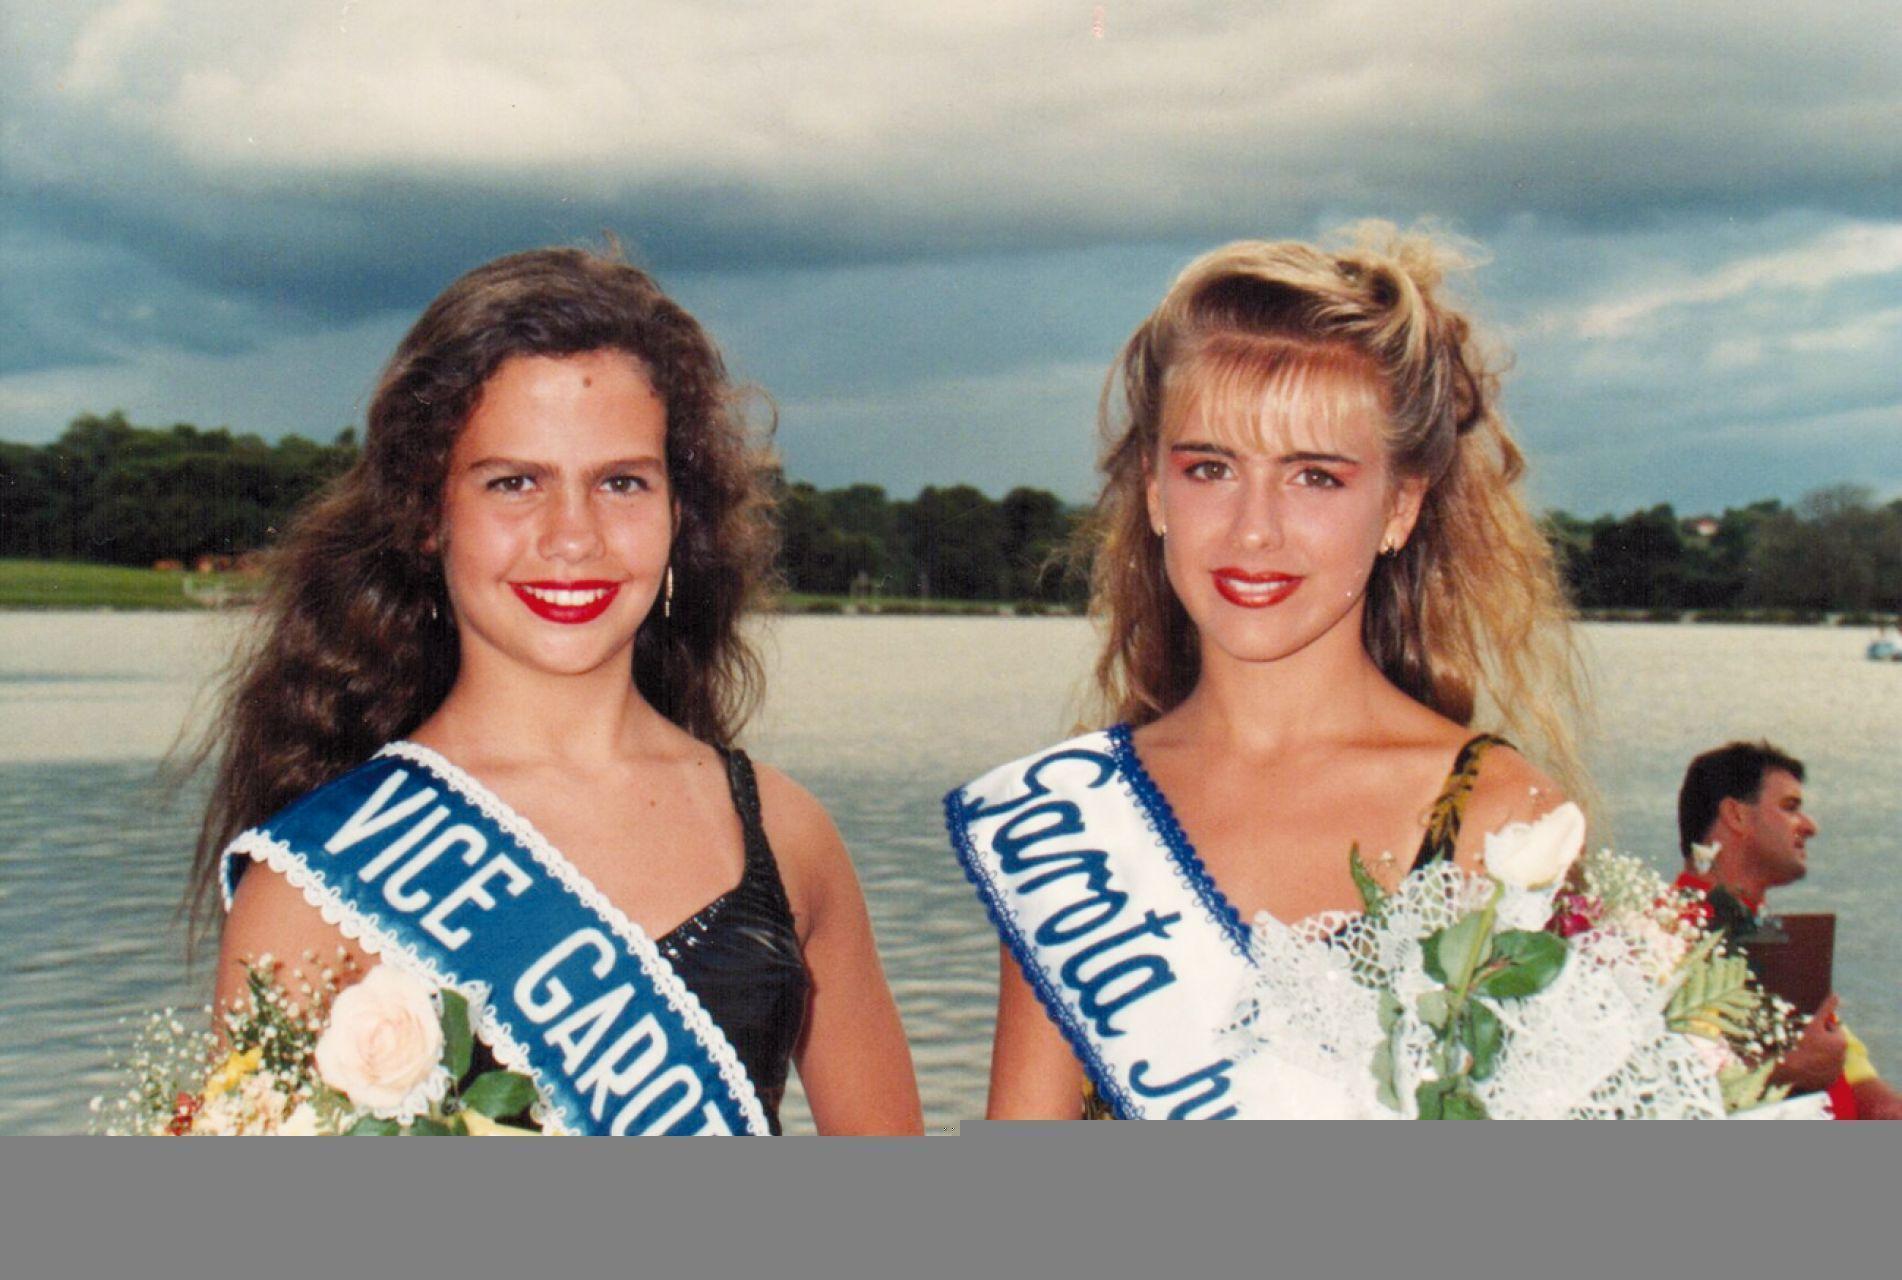 Maira e Daniela no concurso Garota do Sol, em 1993.